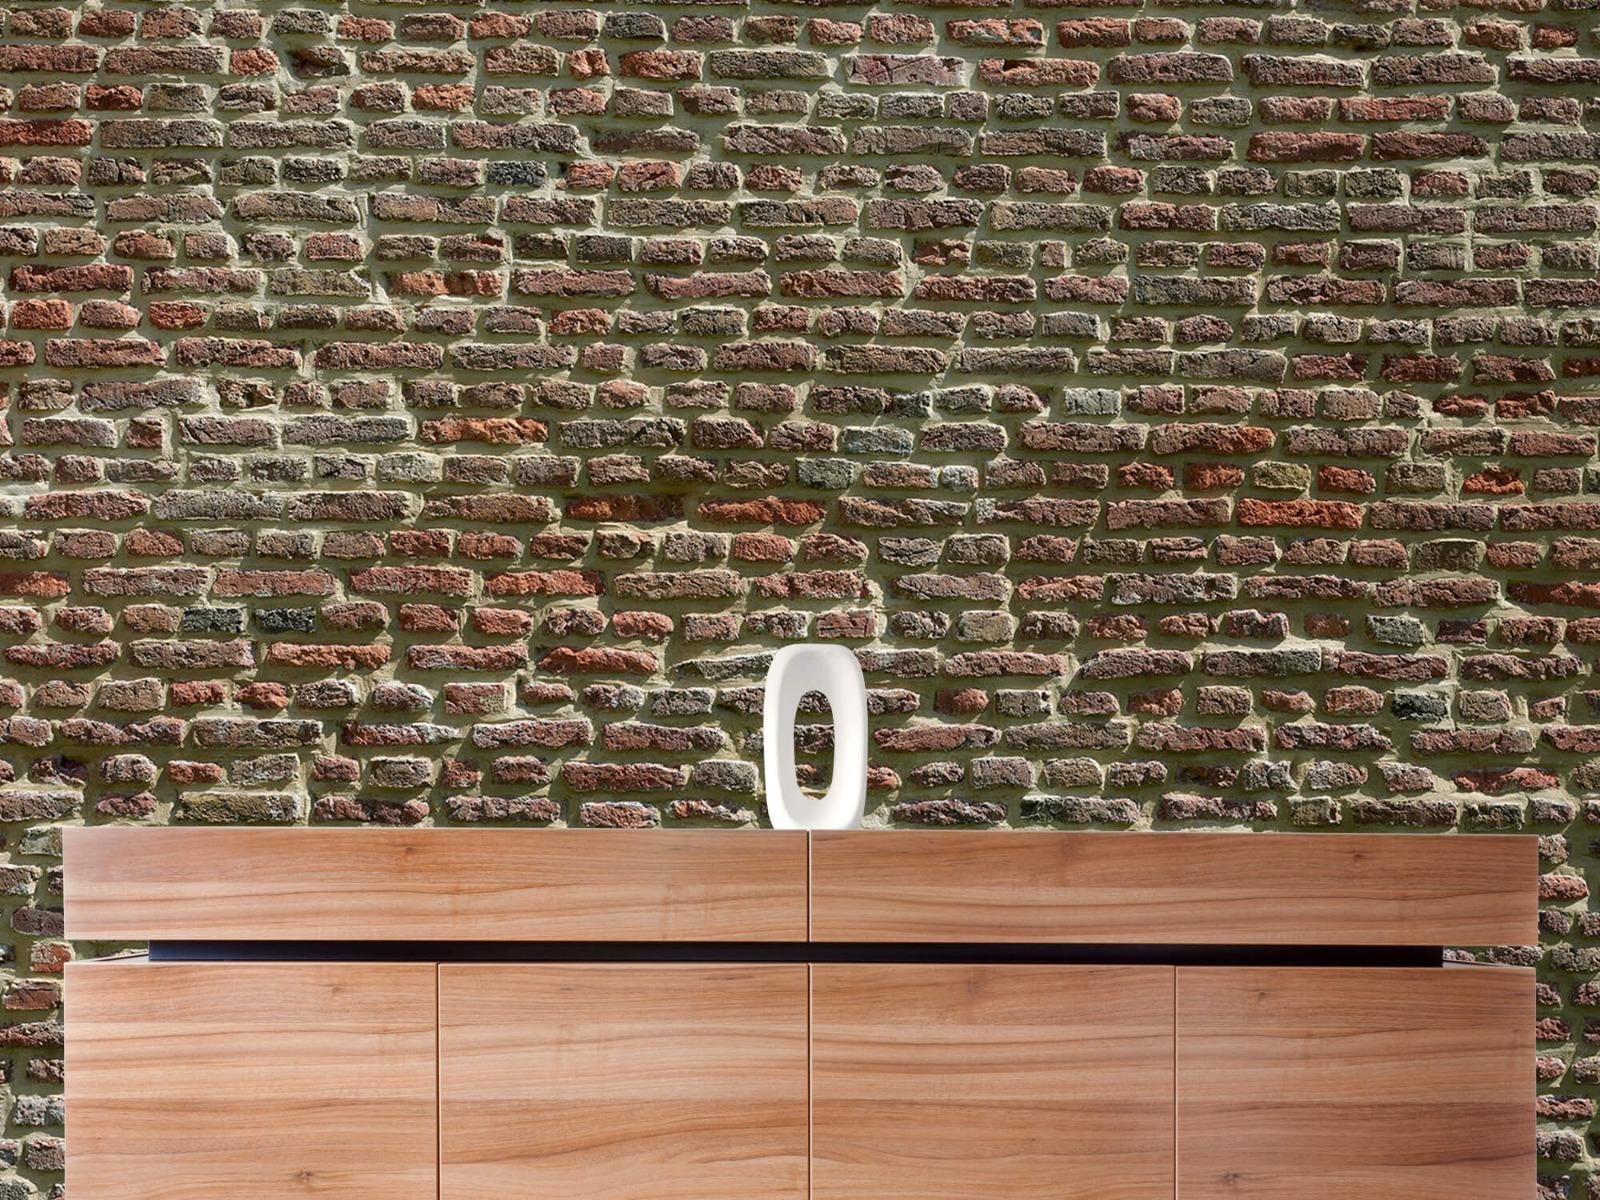 Stenen - Muur van oude bakstenen 2